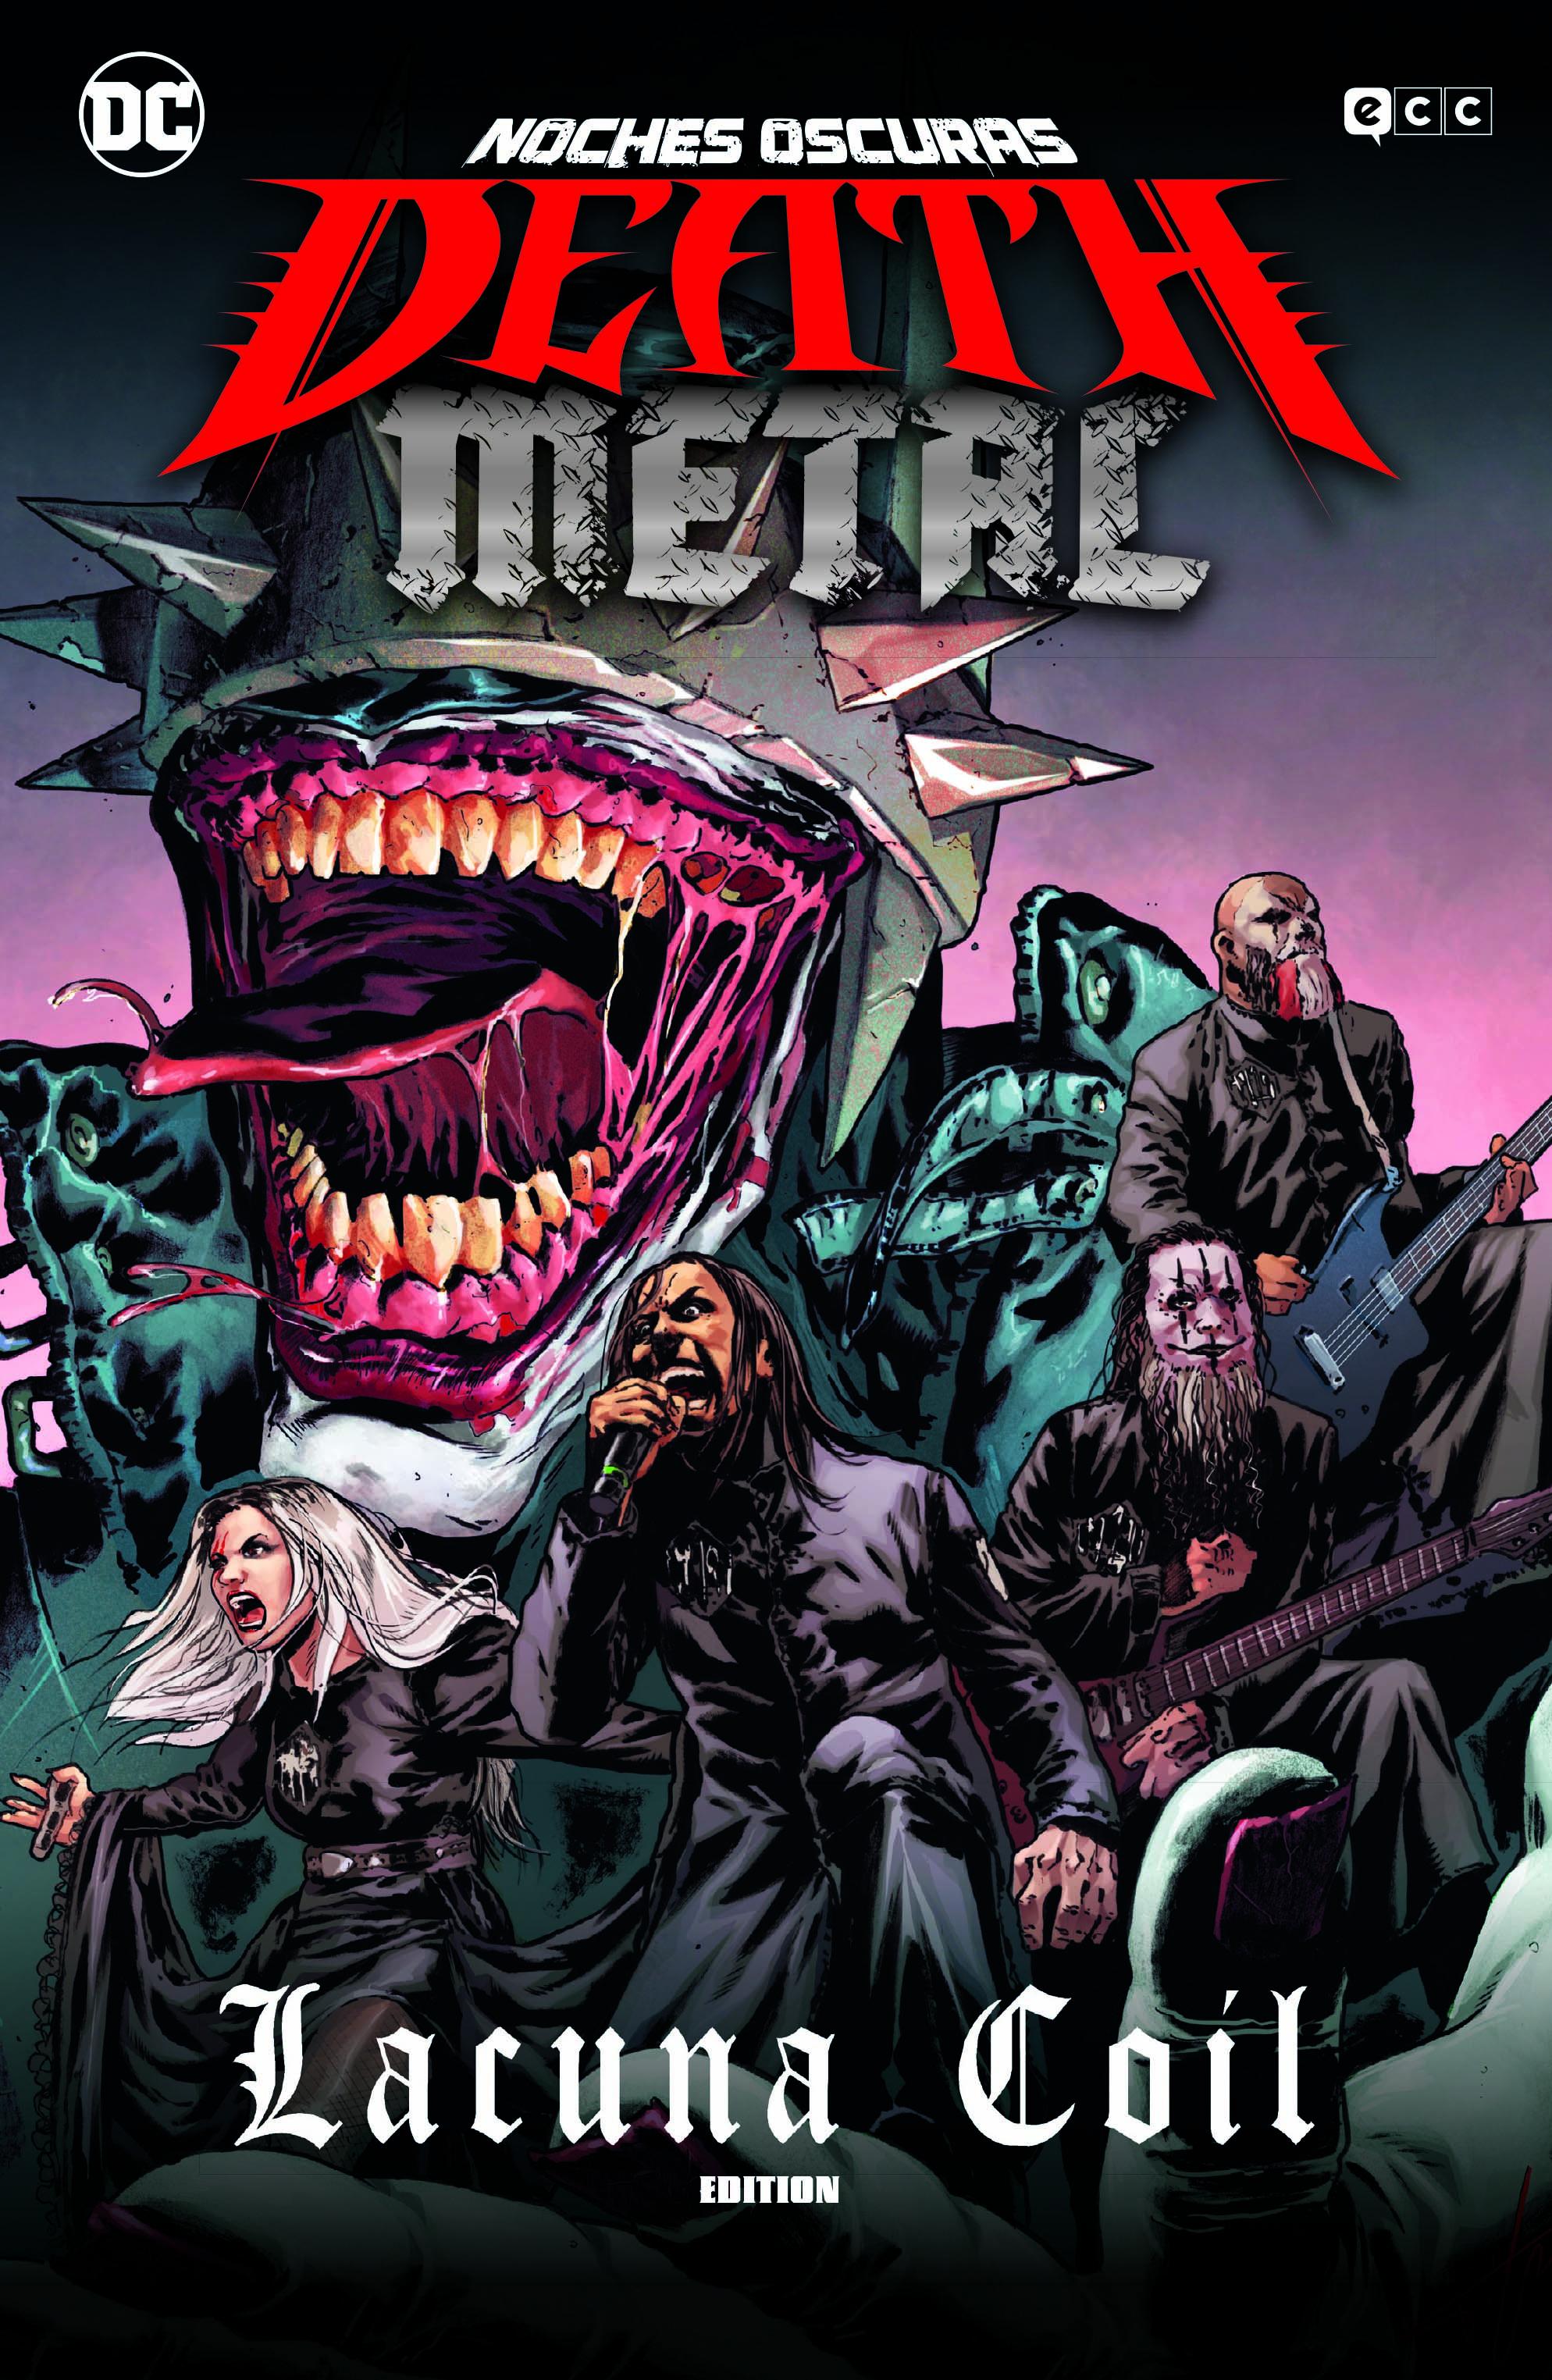 ECC - Noches oscuras: Death Metal núm. 03 de 7 (Lacuna Coil Band Edition) (Cartoné)